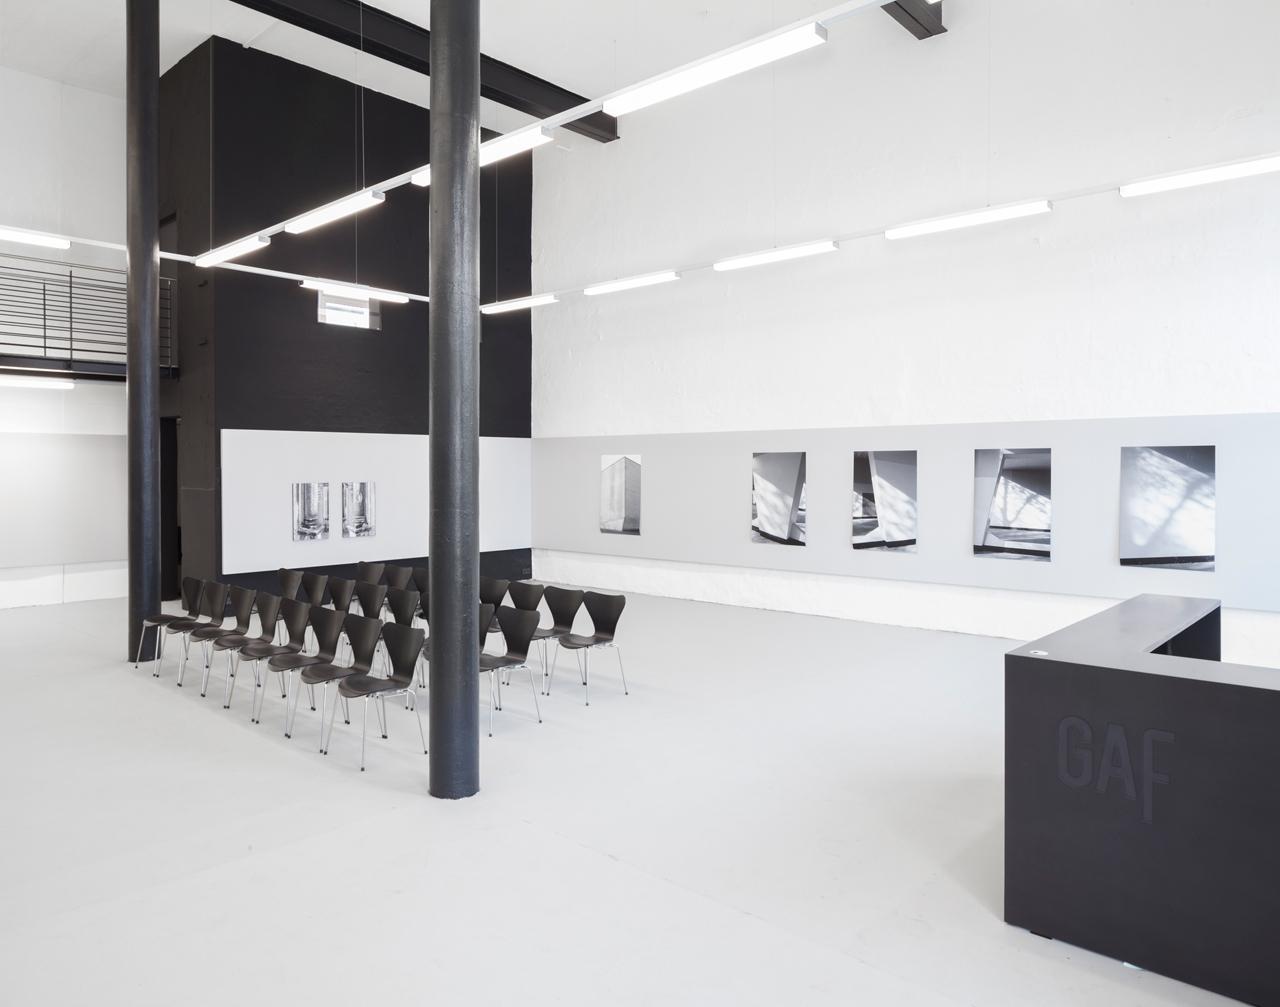 Die etwa 260 Quadratmeter große Galerie bietet Platz für bis zu 120 Bilder.